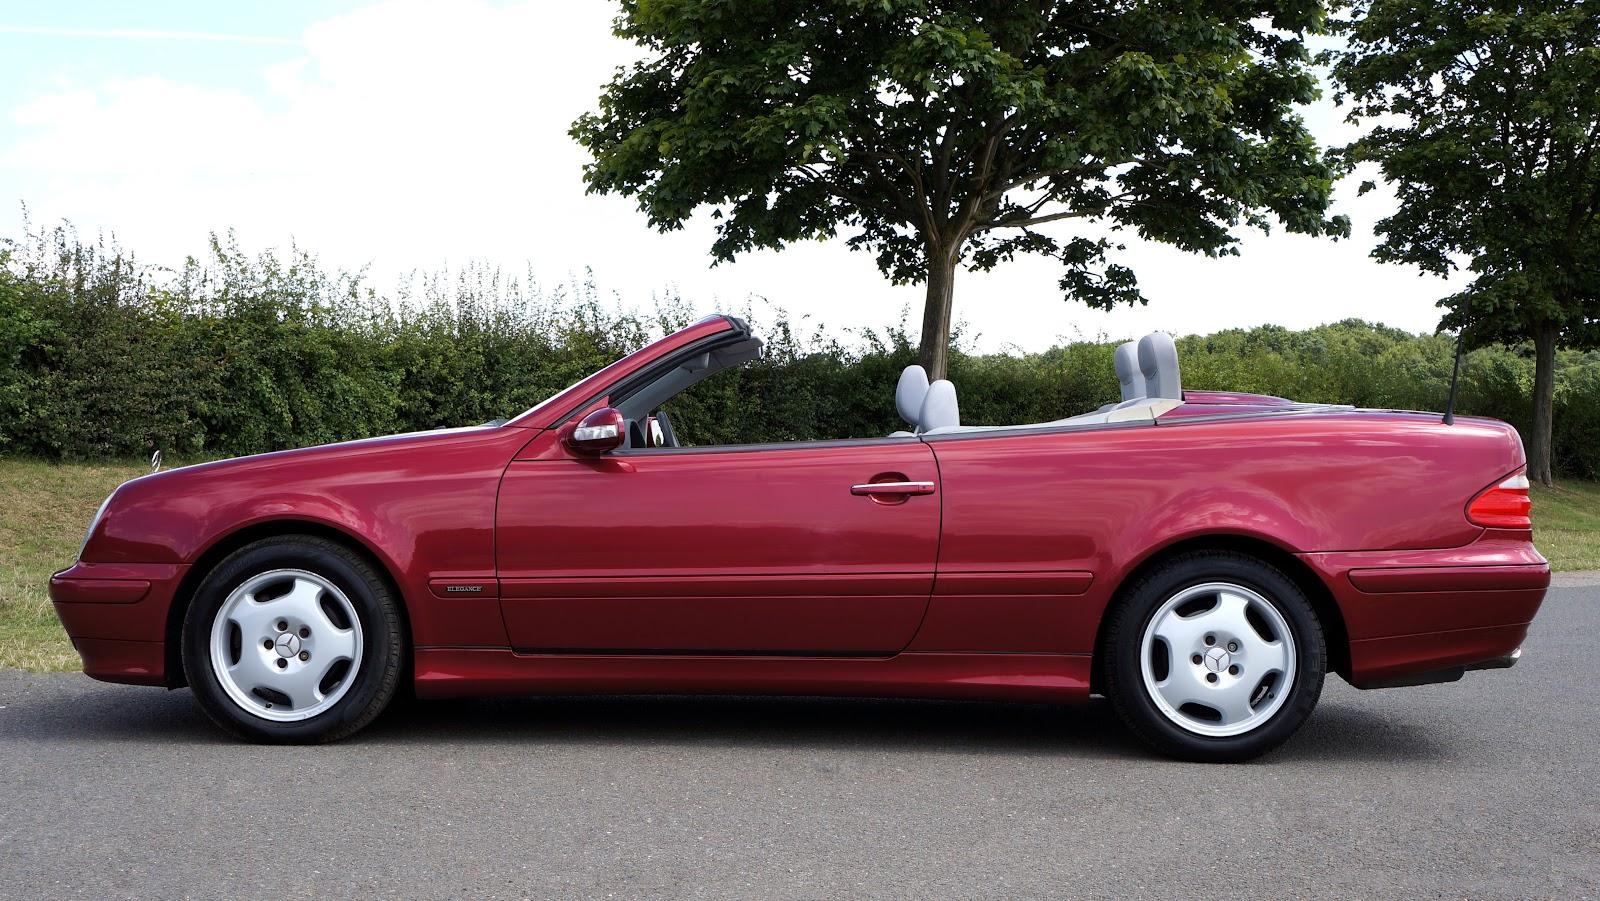 car-1380100.jpg